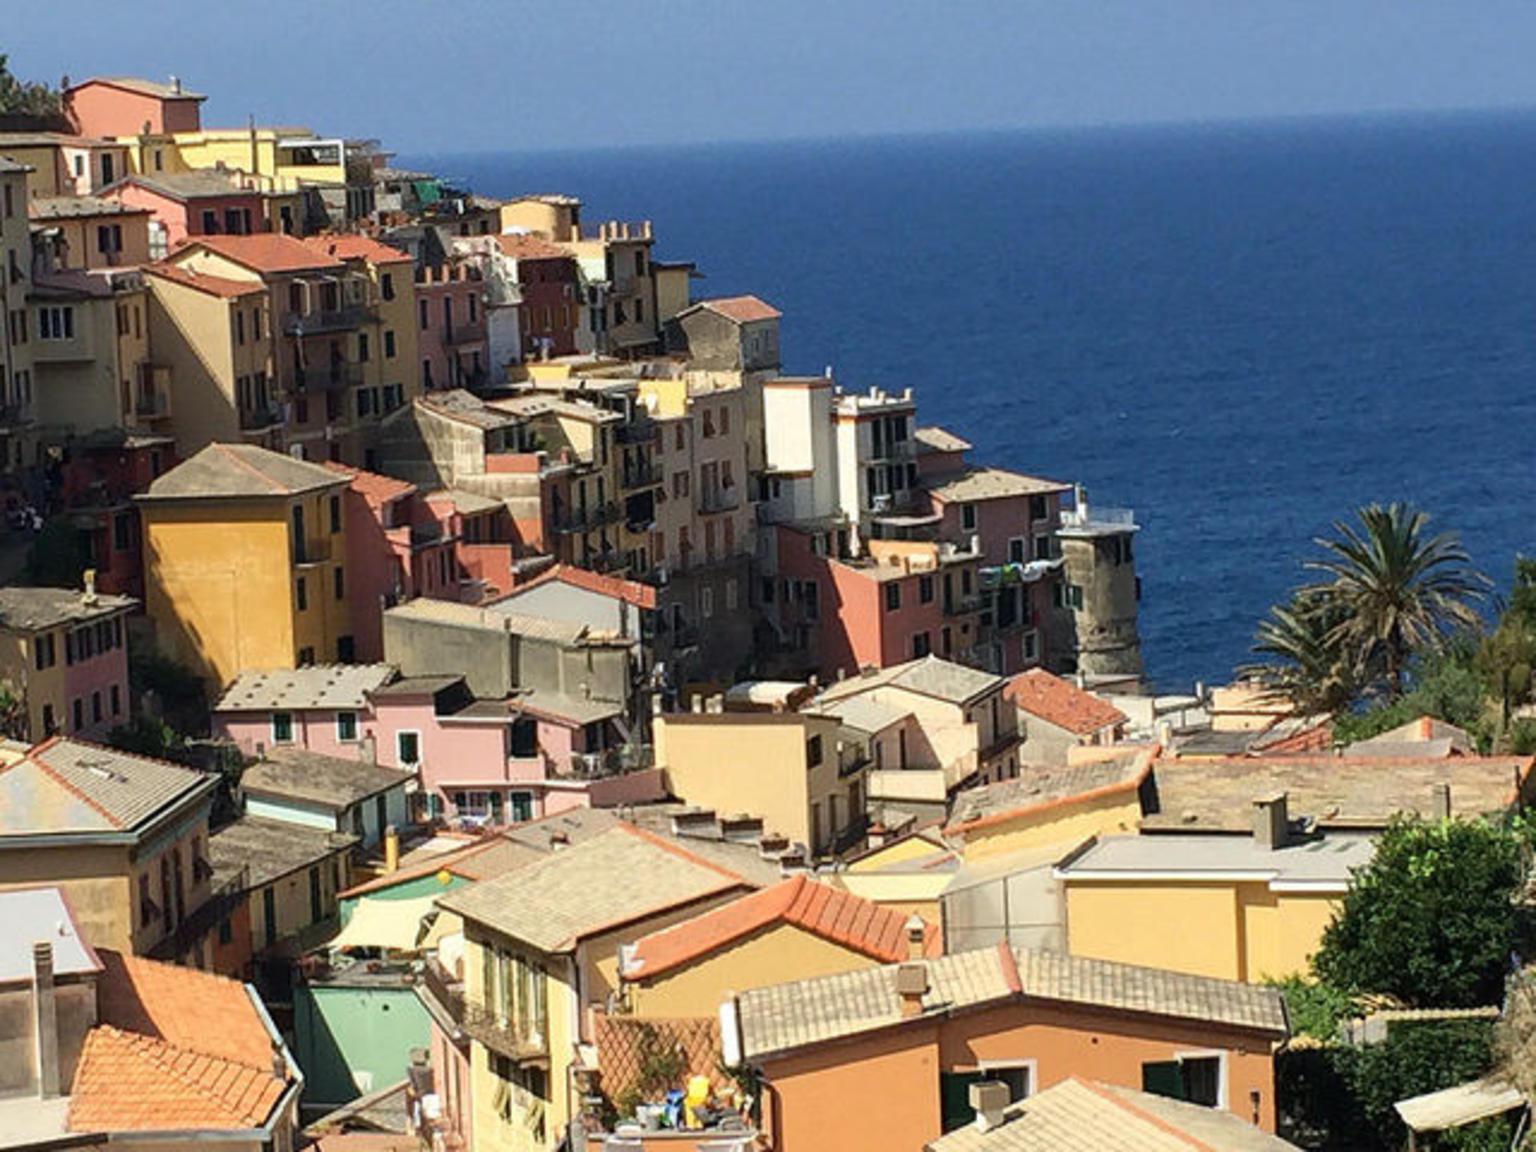 MÁS FOTOS, Excursión de un día a Cinque Terre desde Milán con recogida en el hotel